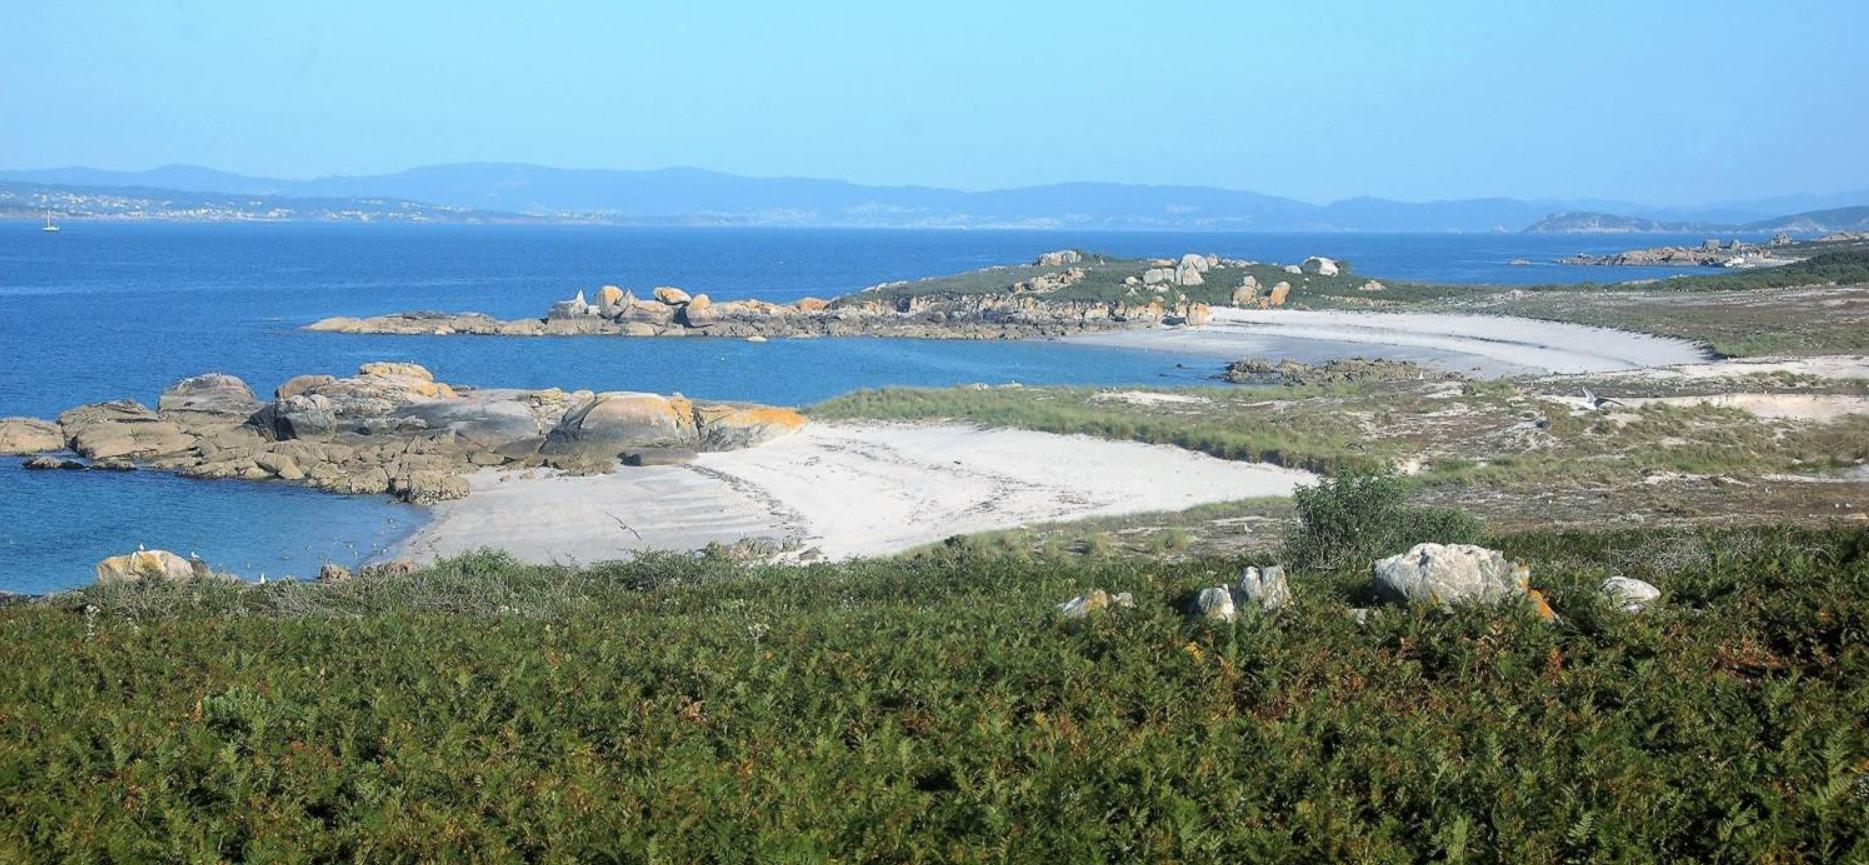 Dónde se encuentran las islas Atlánticas de Galicia